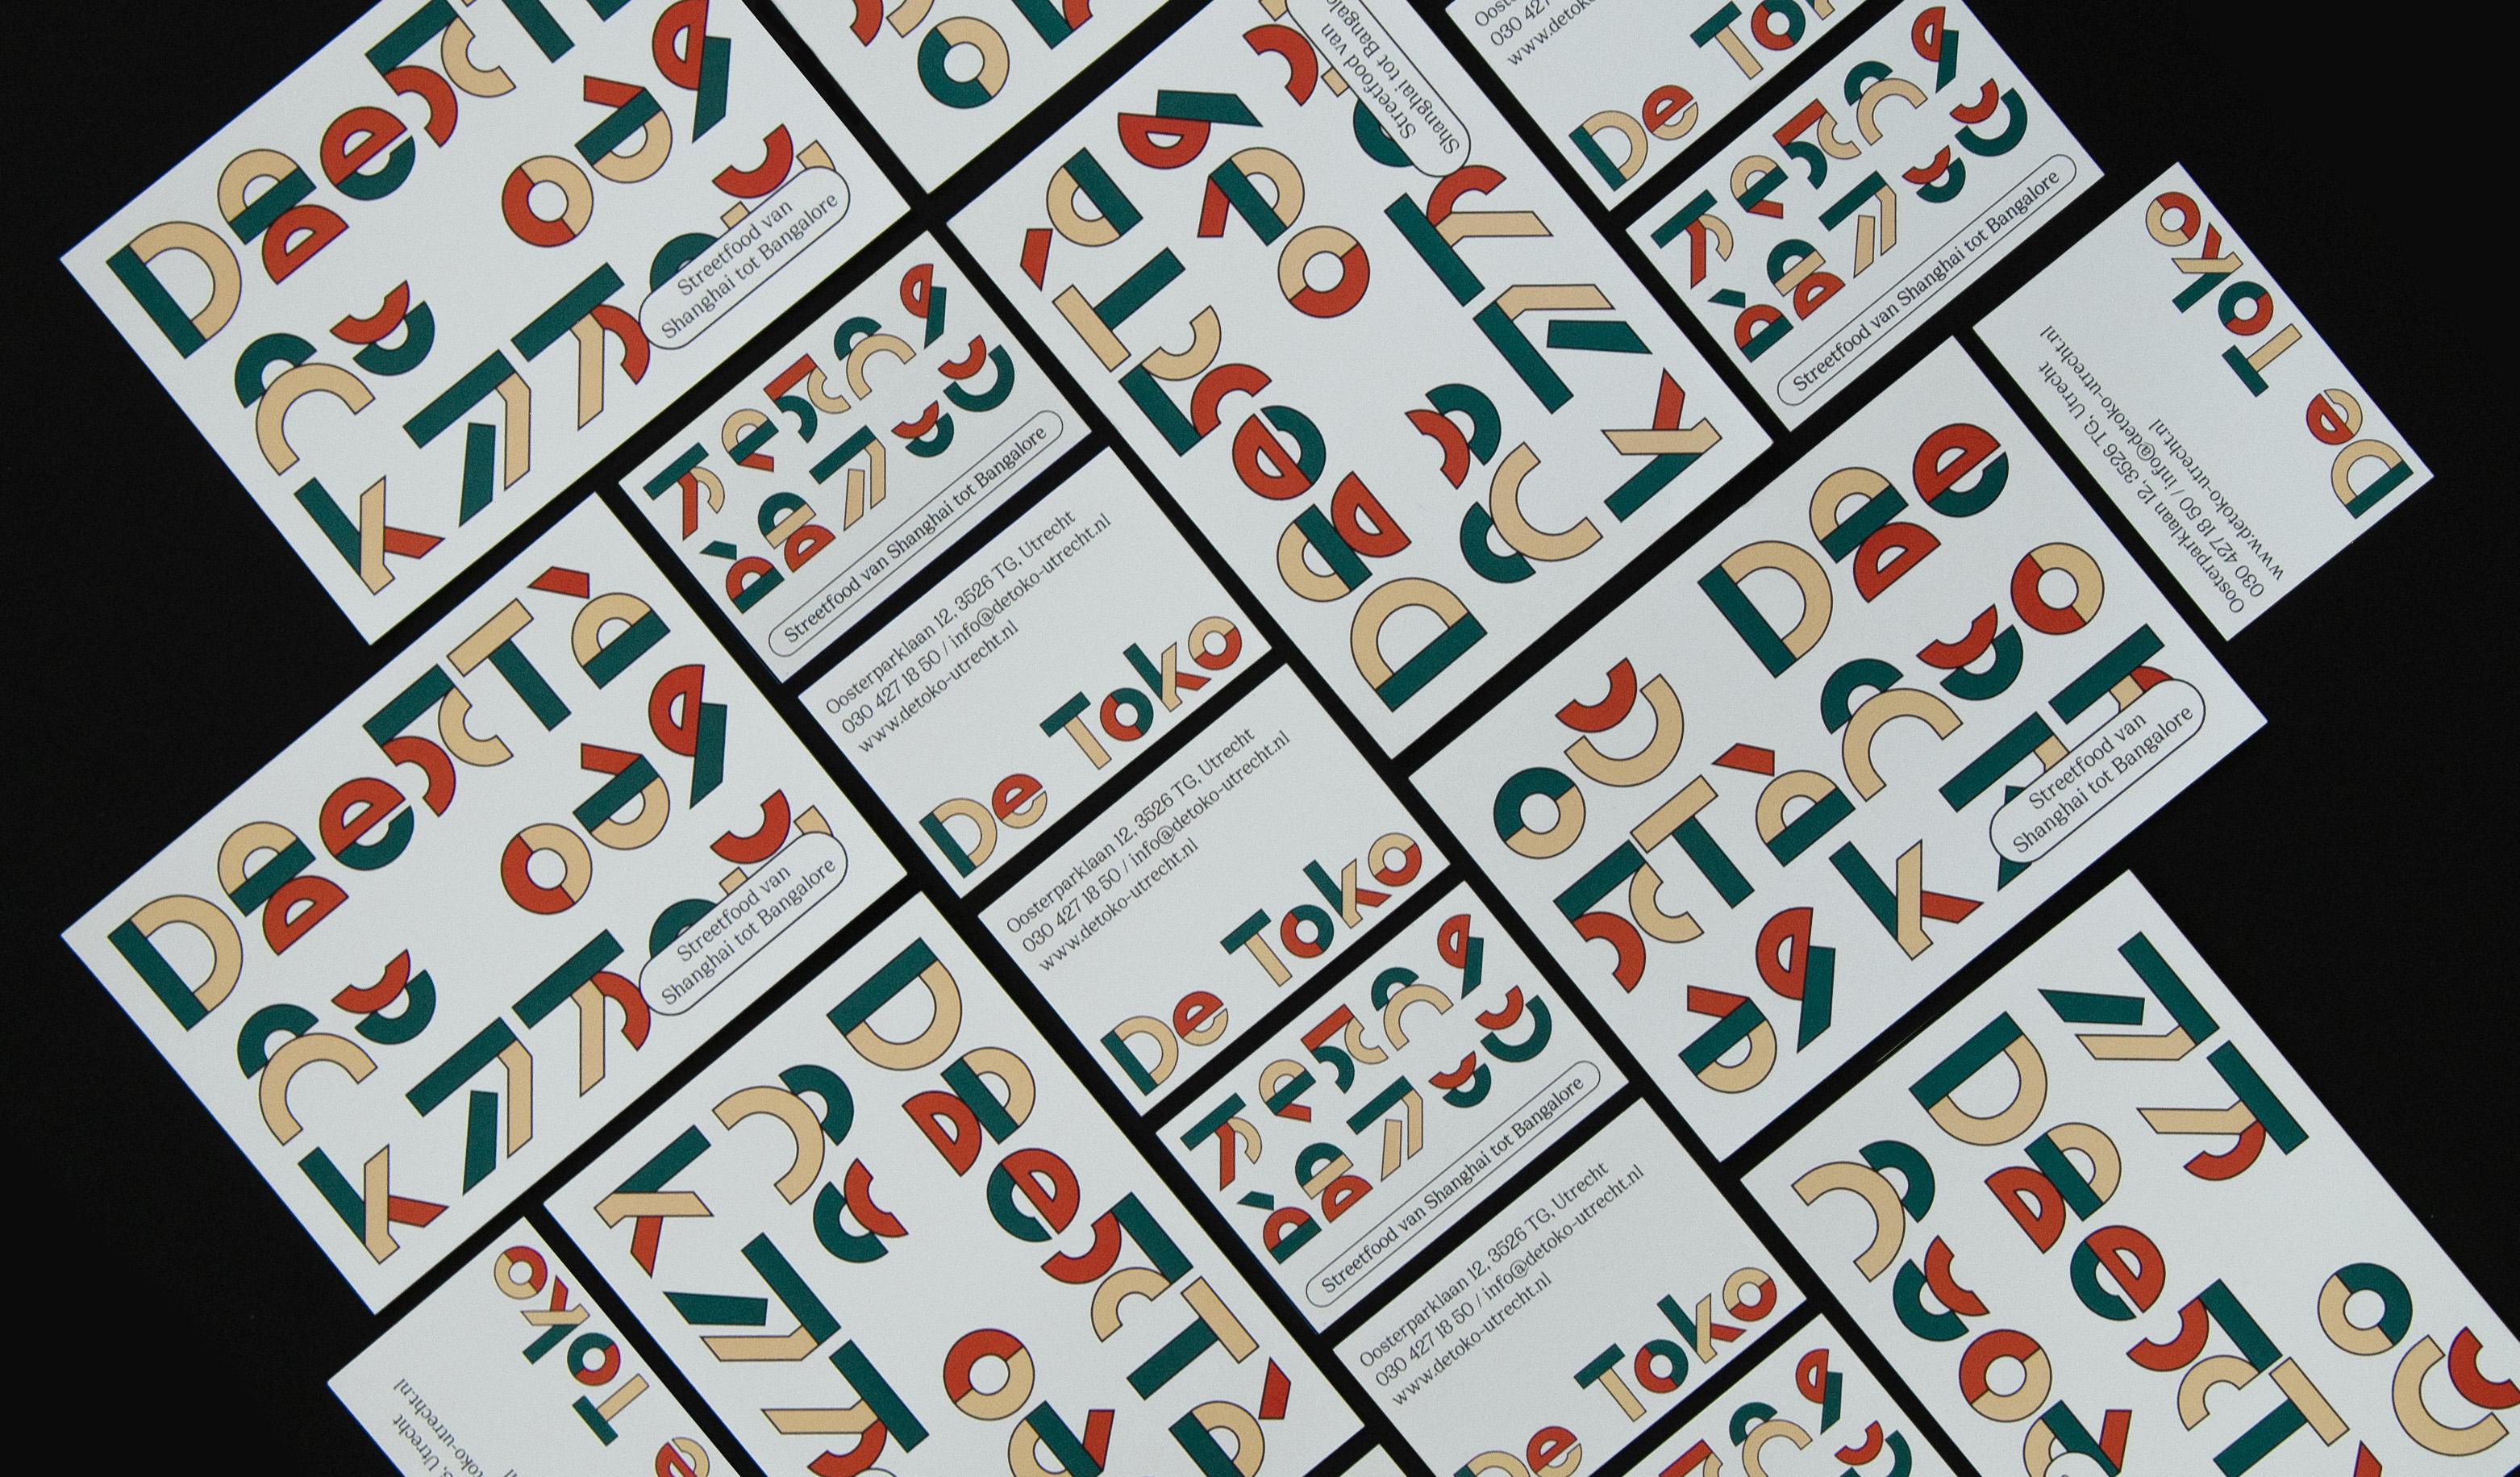 een verzameling van ontwerpen voor de branding van De Toko